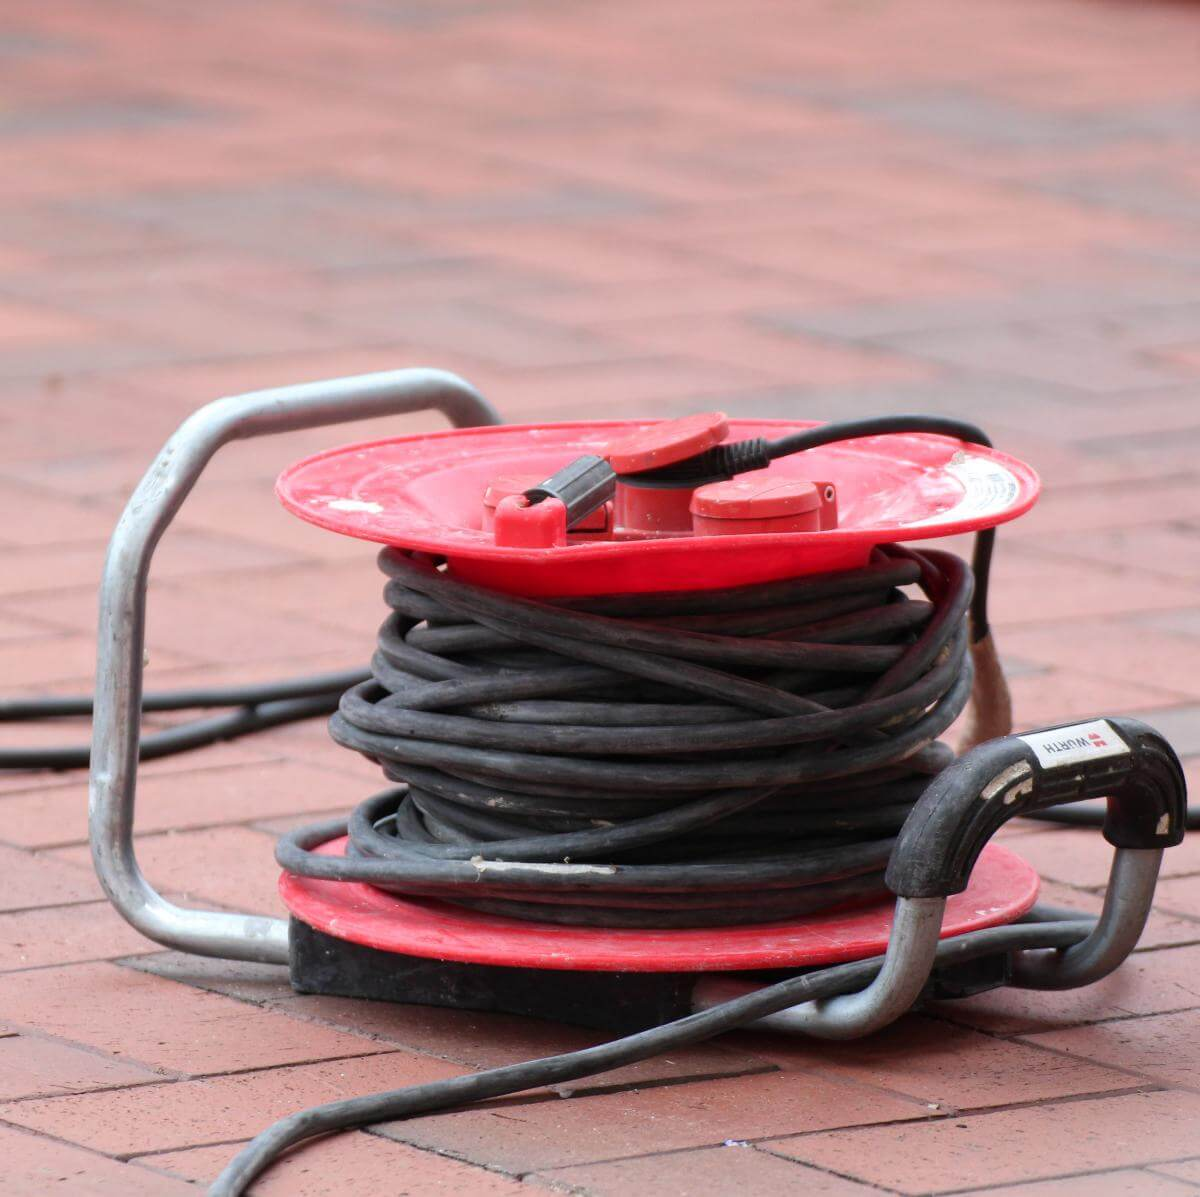 Strom benötigen Sie für die elektrischen Werkzeuge